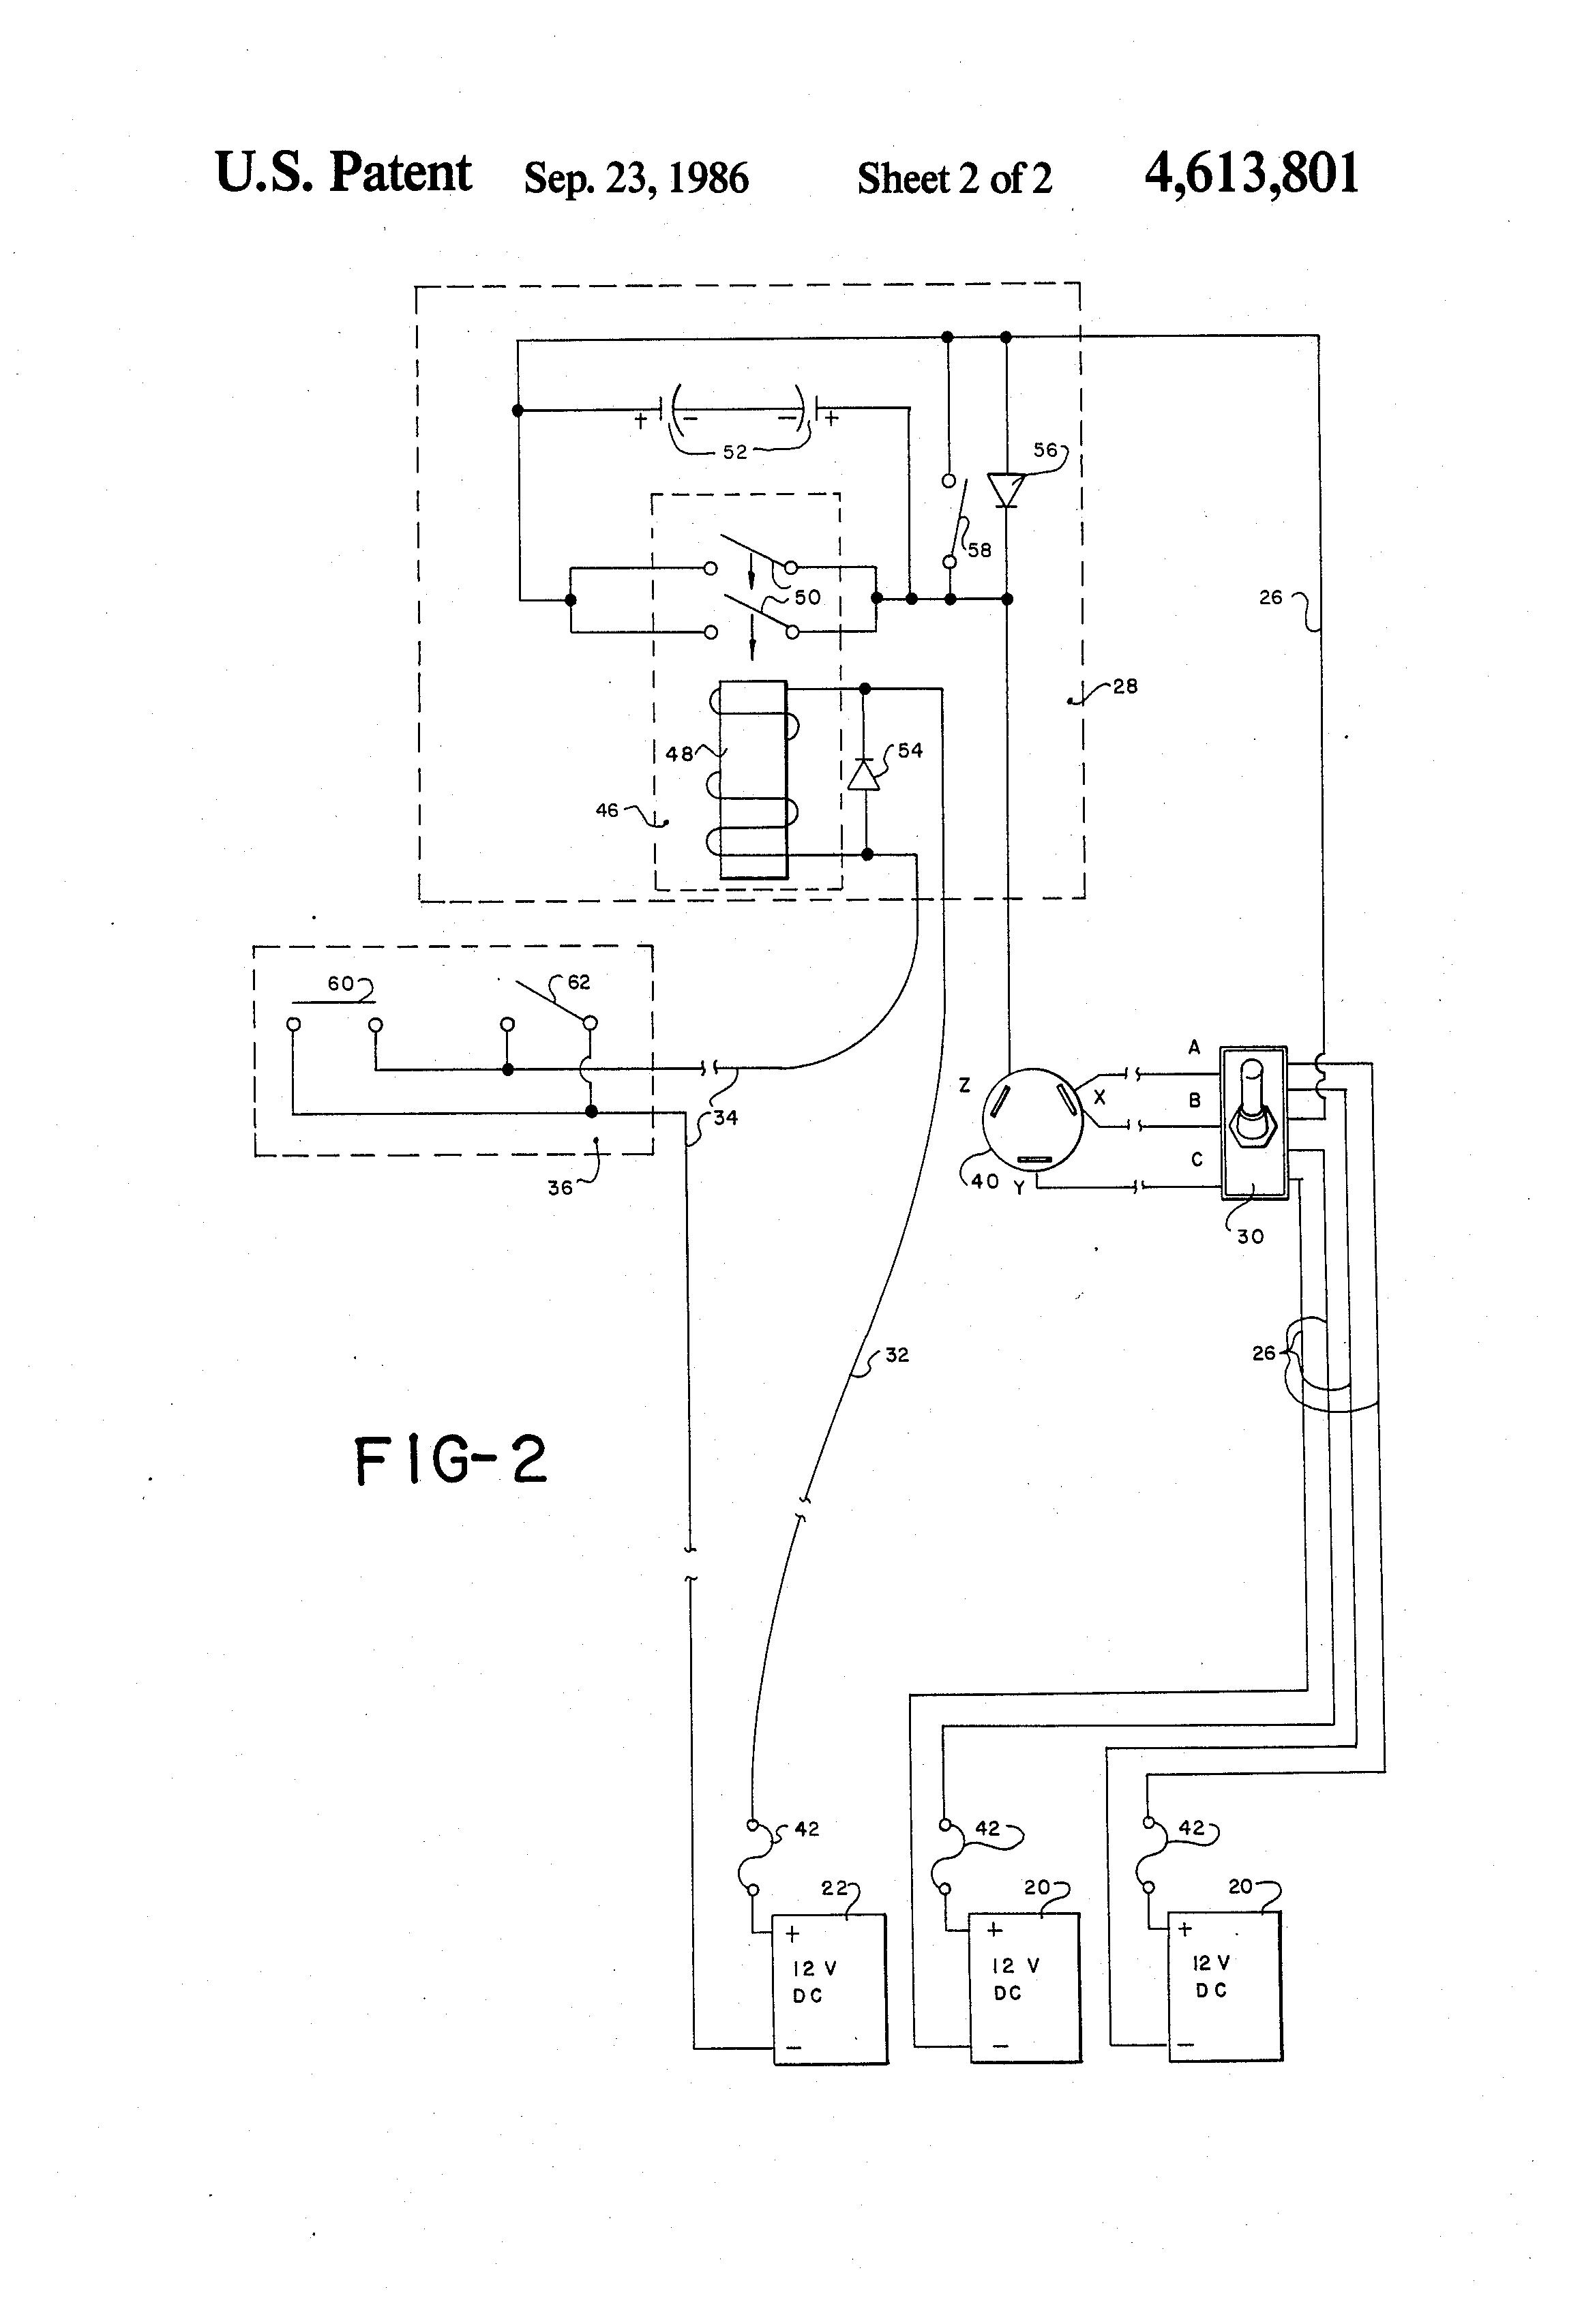 stratos wiring diagrams – readingrat, Wiring diagram